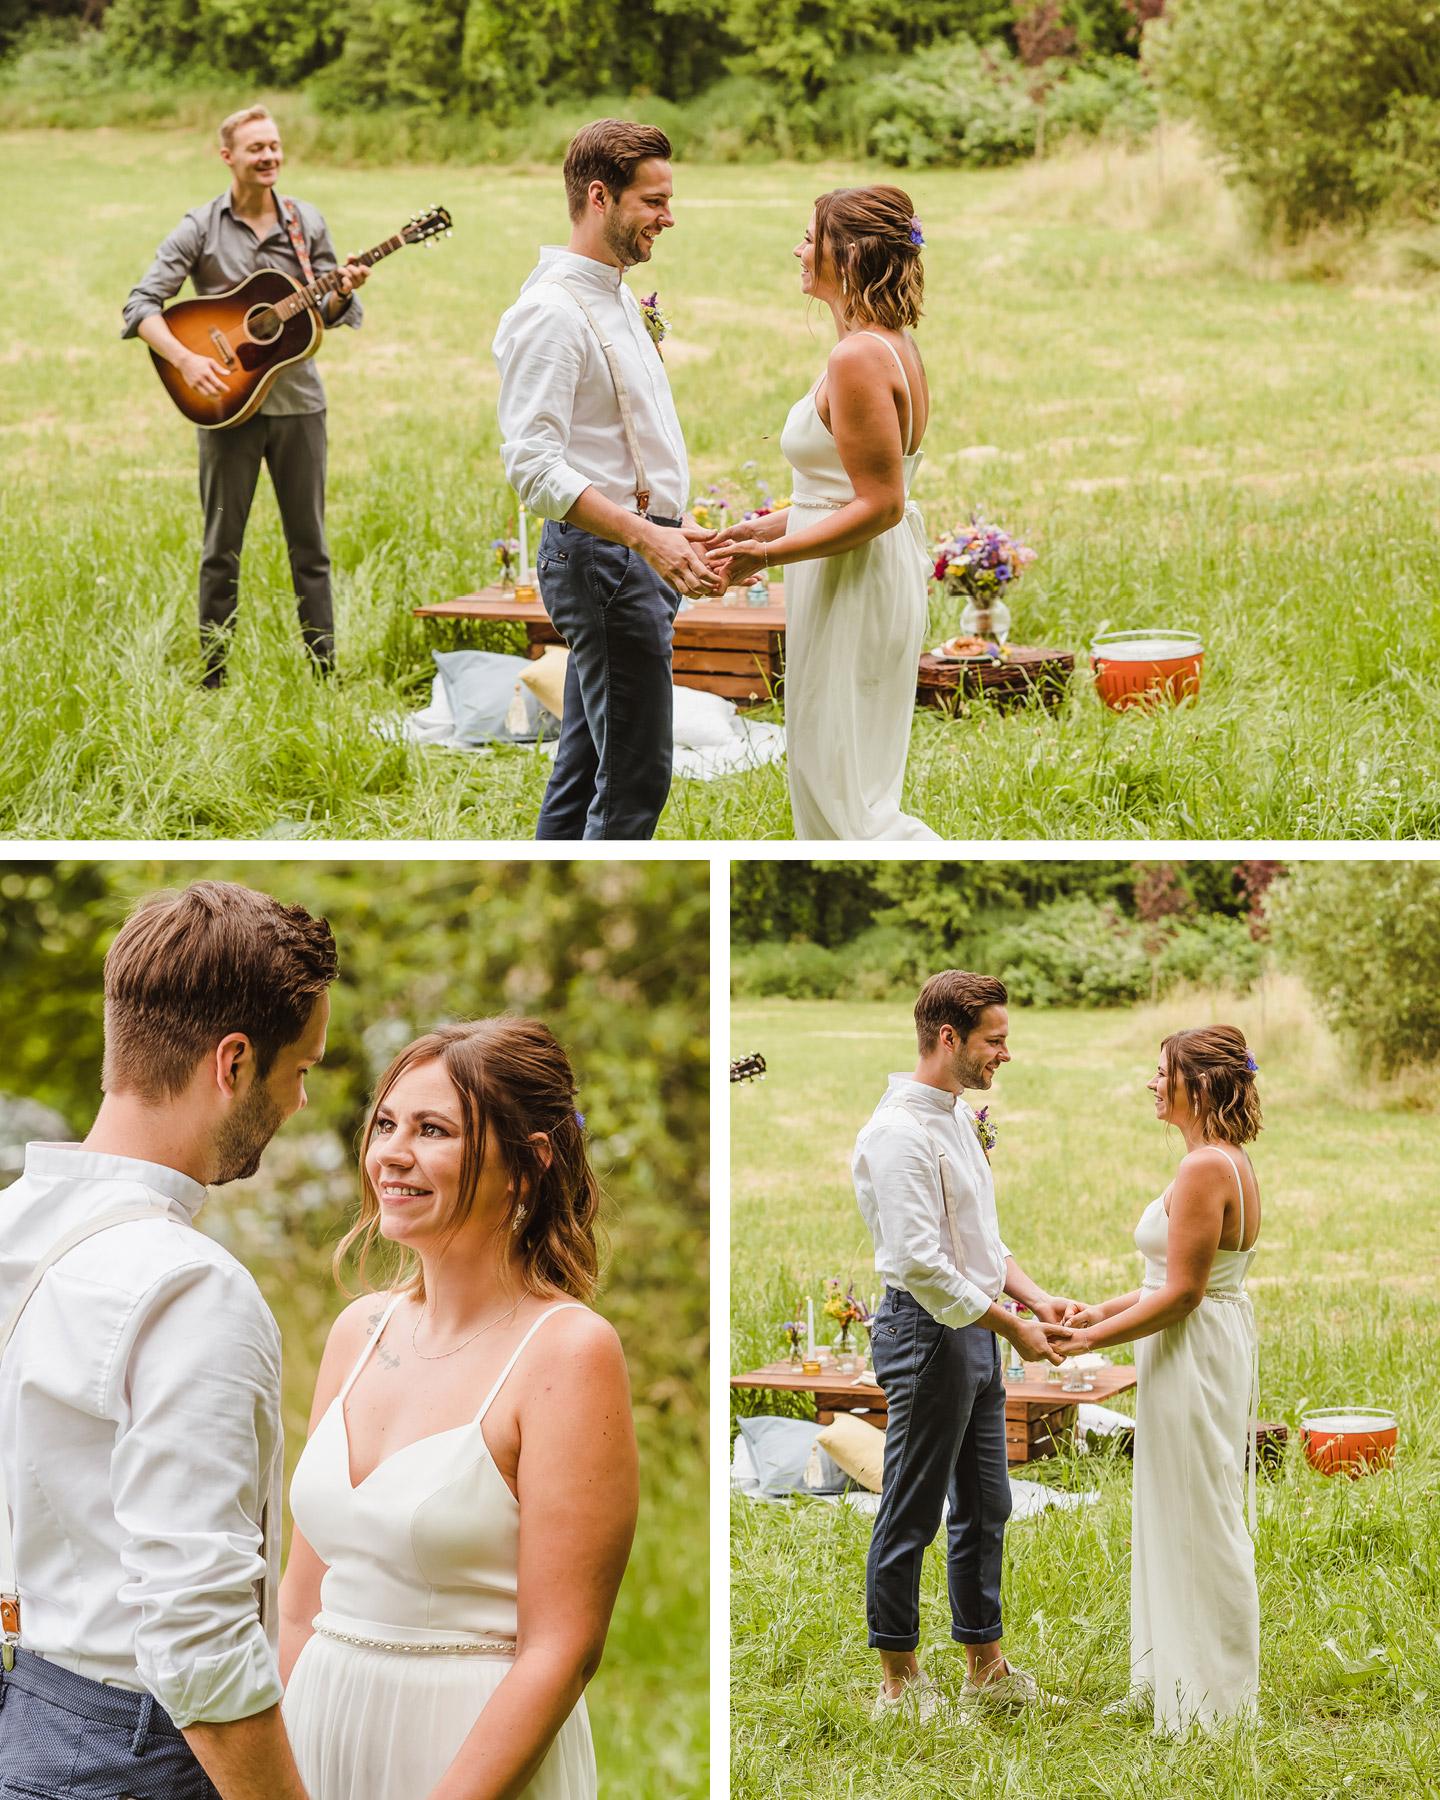 Brautpaar hält sich an den Händen und steht auf einer Wiese. Im Hintergrund spielt ein Mann Gitarre und ein Picknick ist aufgebaut.